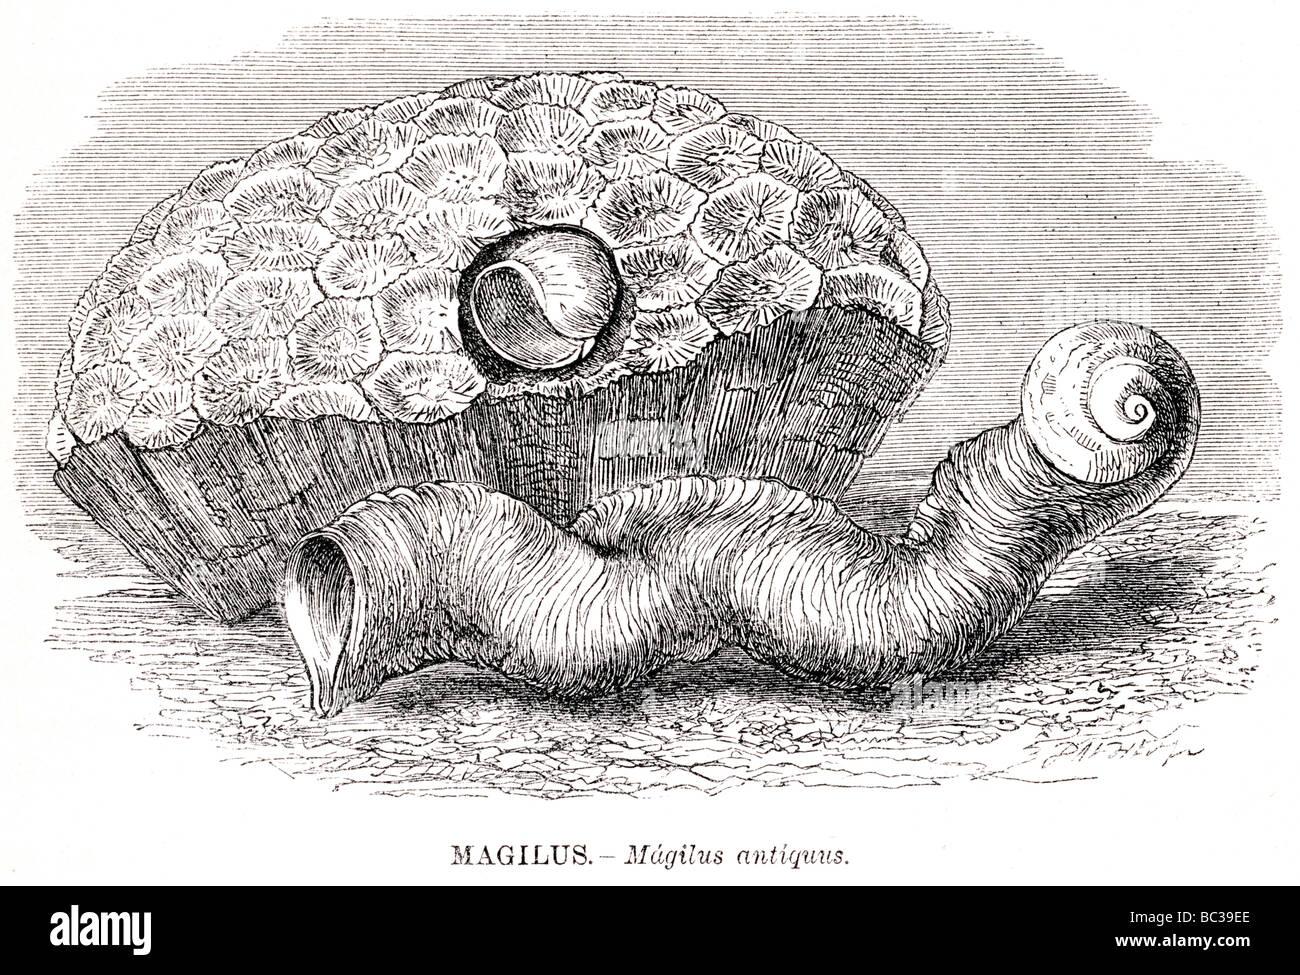 magilus magilus antiquus - Stock Image